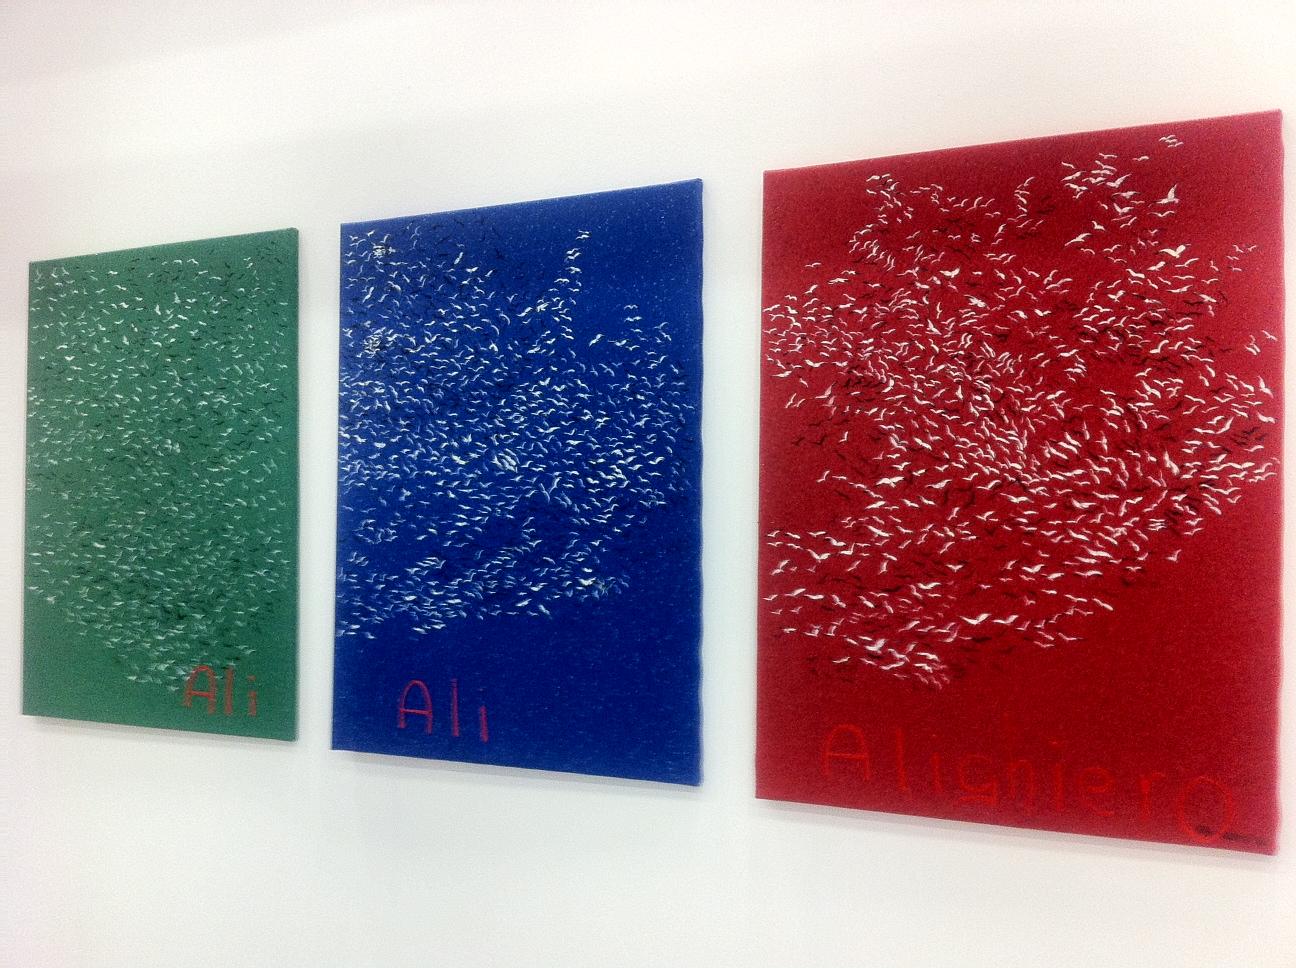 Aldo Mondino omaggia Alighiero Boetti, artista dominus di Artefiera 2013